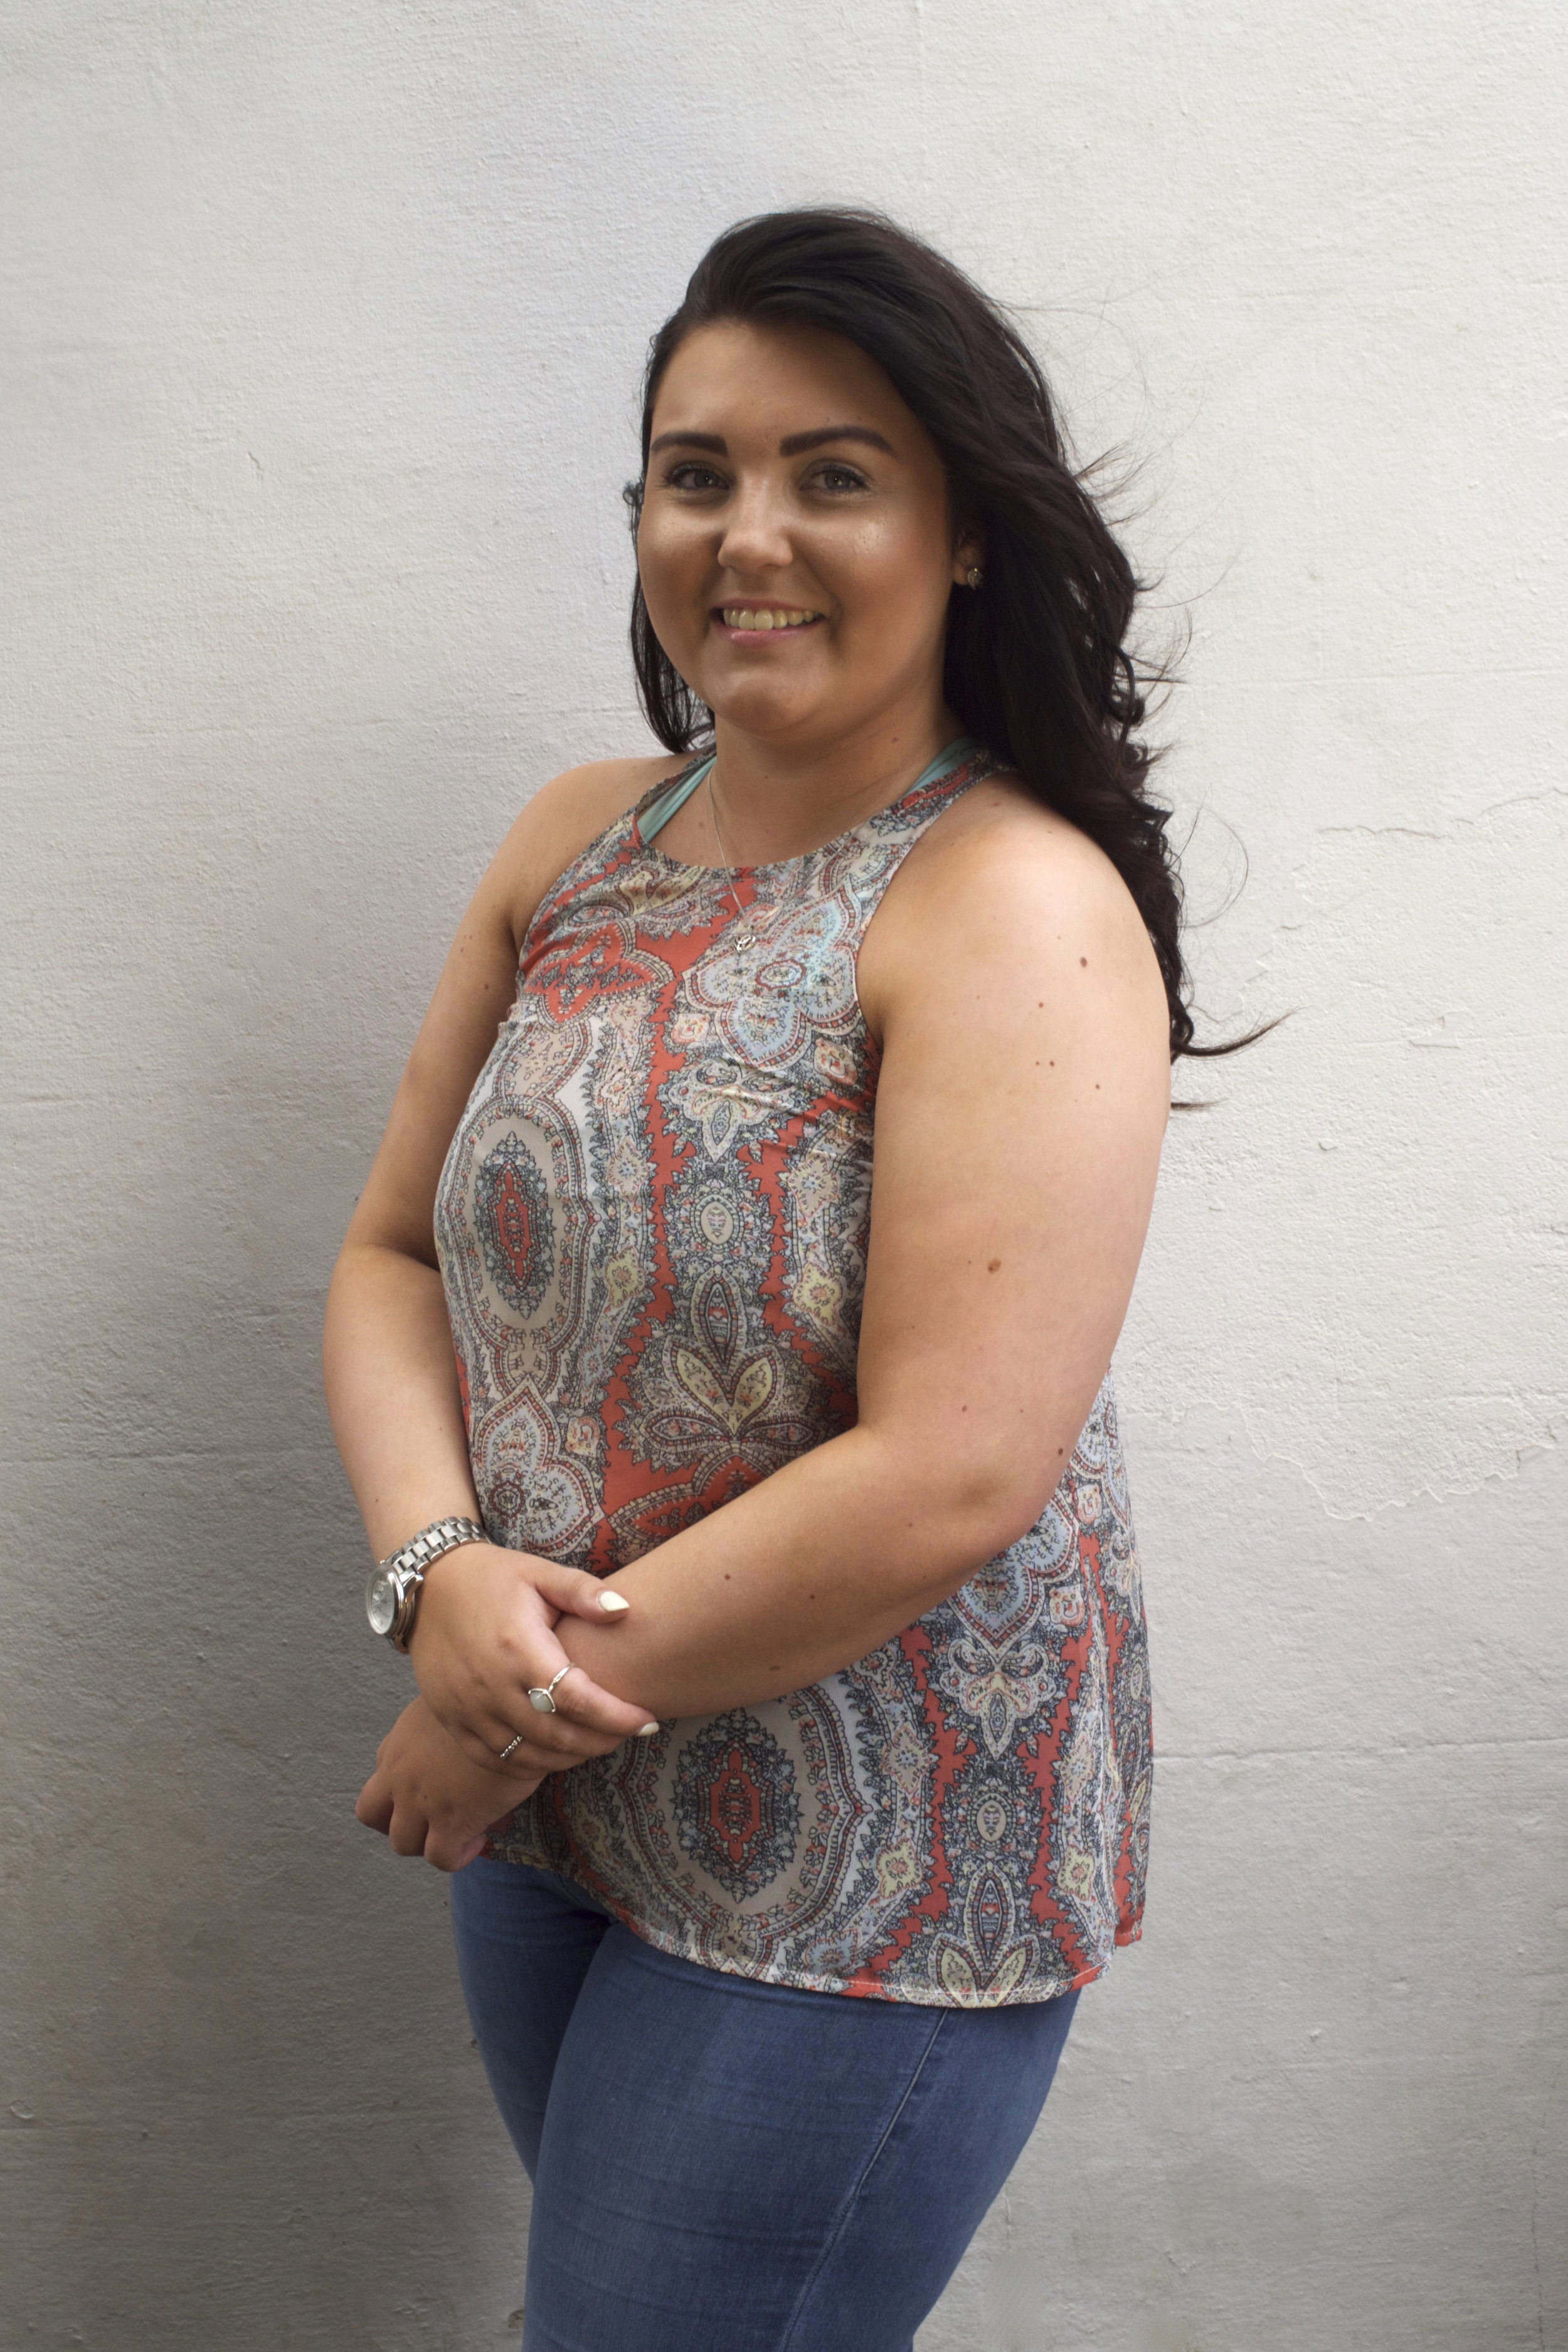 Charlotte, salon stylist, Harpenden